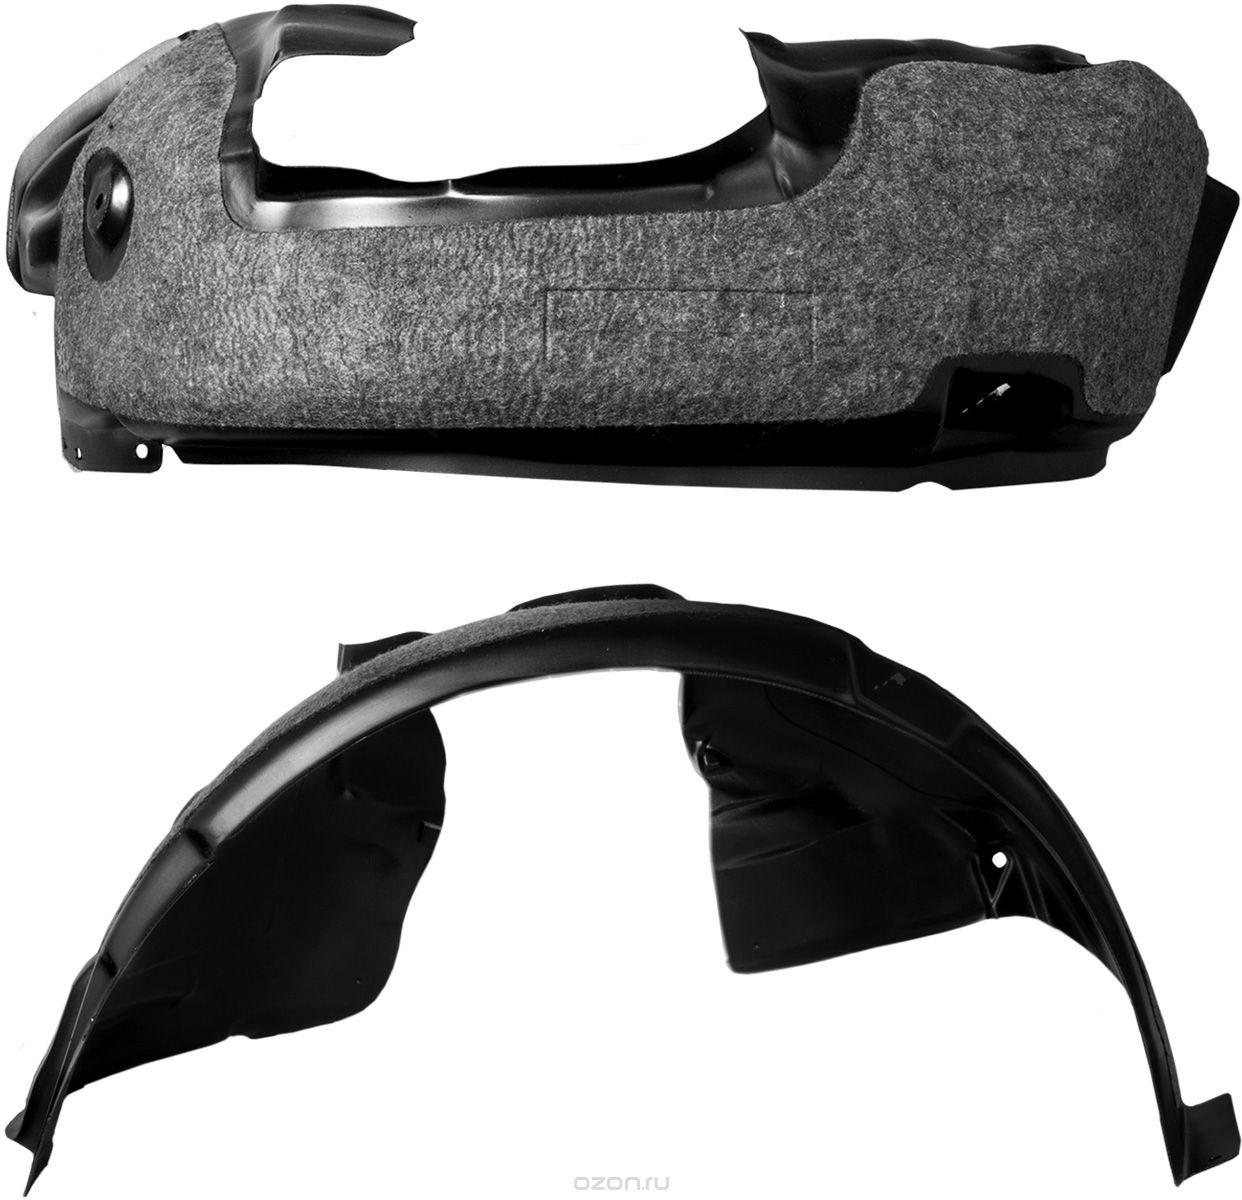 Подкрылок Novline-Autofamily с шумоизоляцией, для Skoda Rapid, 2012->, передний левыйNLS.45.07.001Идеальная защита колесной ниши. Локеры разработаны с применением цифровых технологий, гарантируют максимальную повторяемость поверхности арки. Изделия устанавливаются без нарушения лакокрасочного покрытия автомобиля, каждый подкрылок комплектуется крепежом. Уважаемые клиенты, обращаем ваше внимание, что фотографии на подкрылки универсальные и не отражают реальную форму изделия. При этом само изделие идет точно под размер указанного автомобиля.